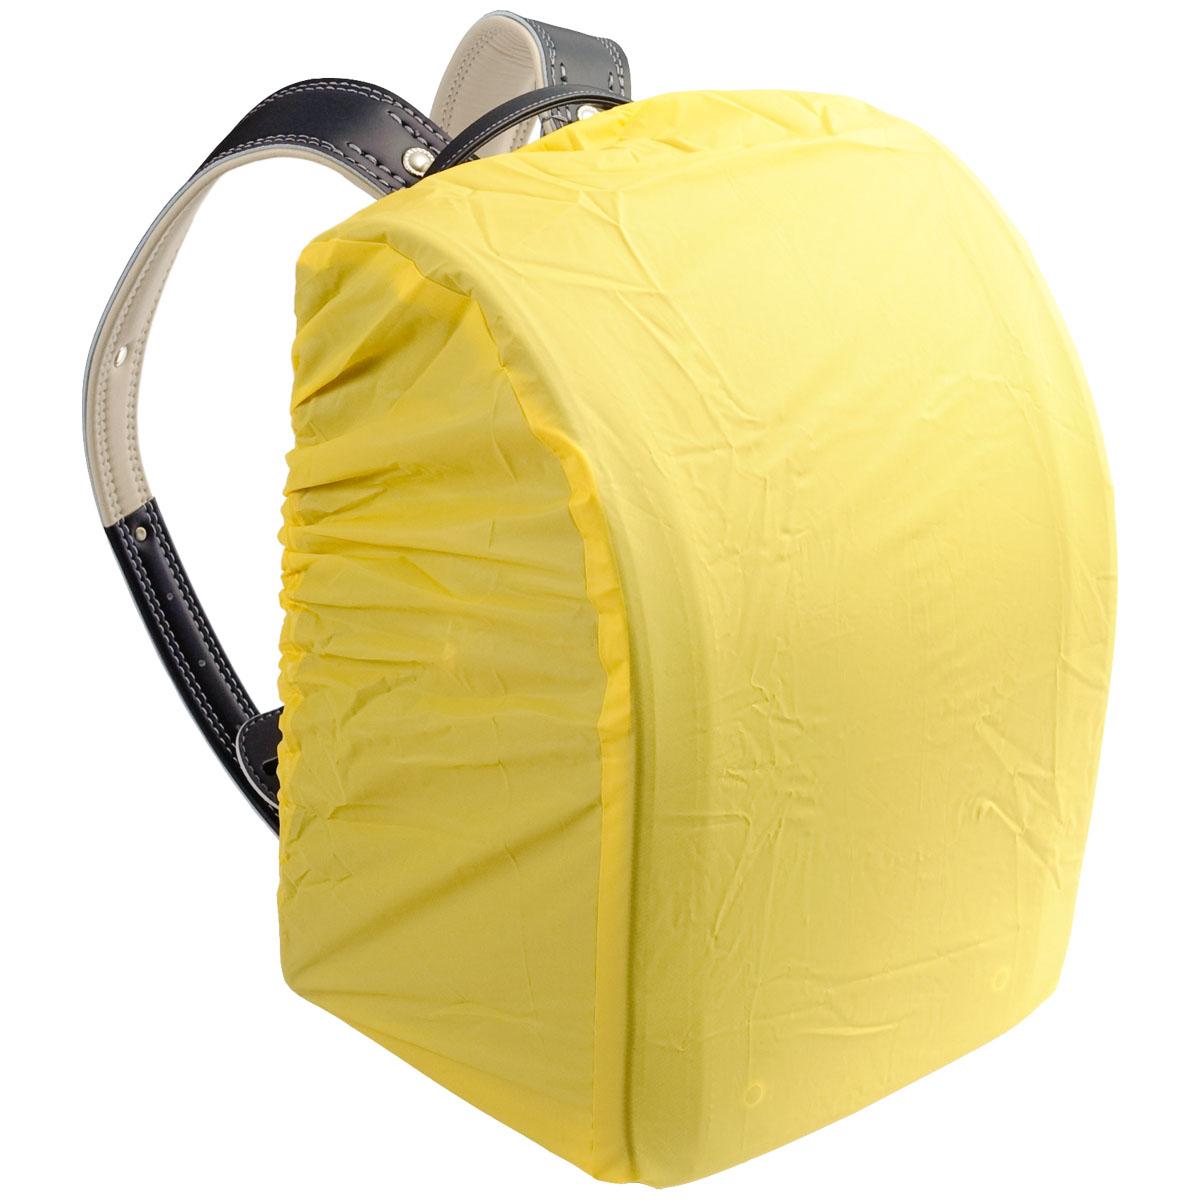 ランドセル雨カバー(黄)[A4フラット・A4クリア両サイズ対応]